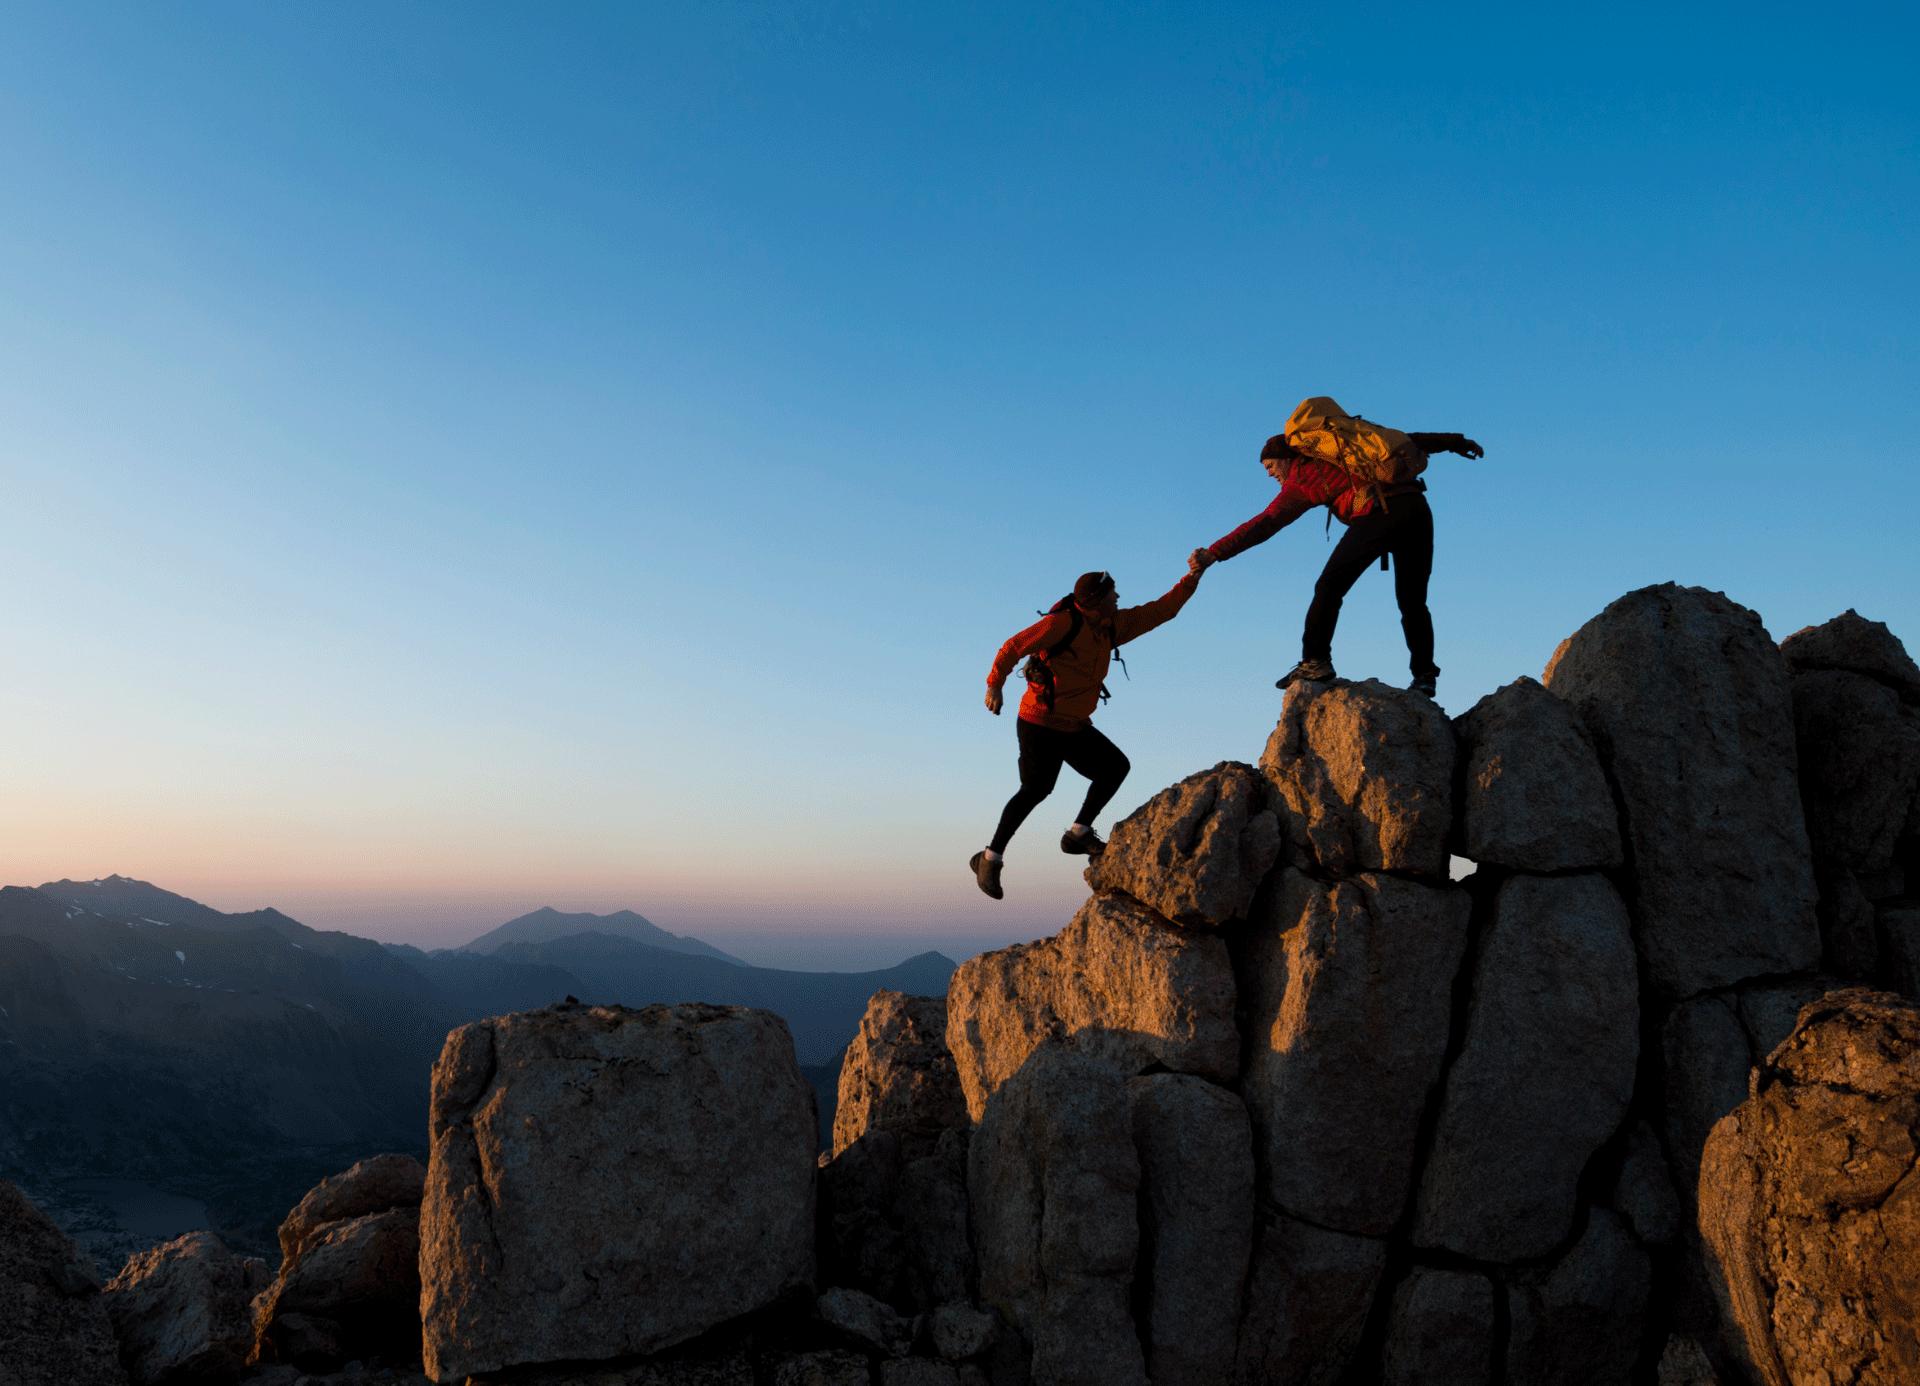 Ein Bergsteiger hilft einem anderem beim Aufstieg